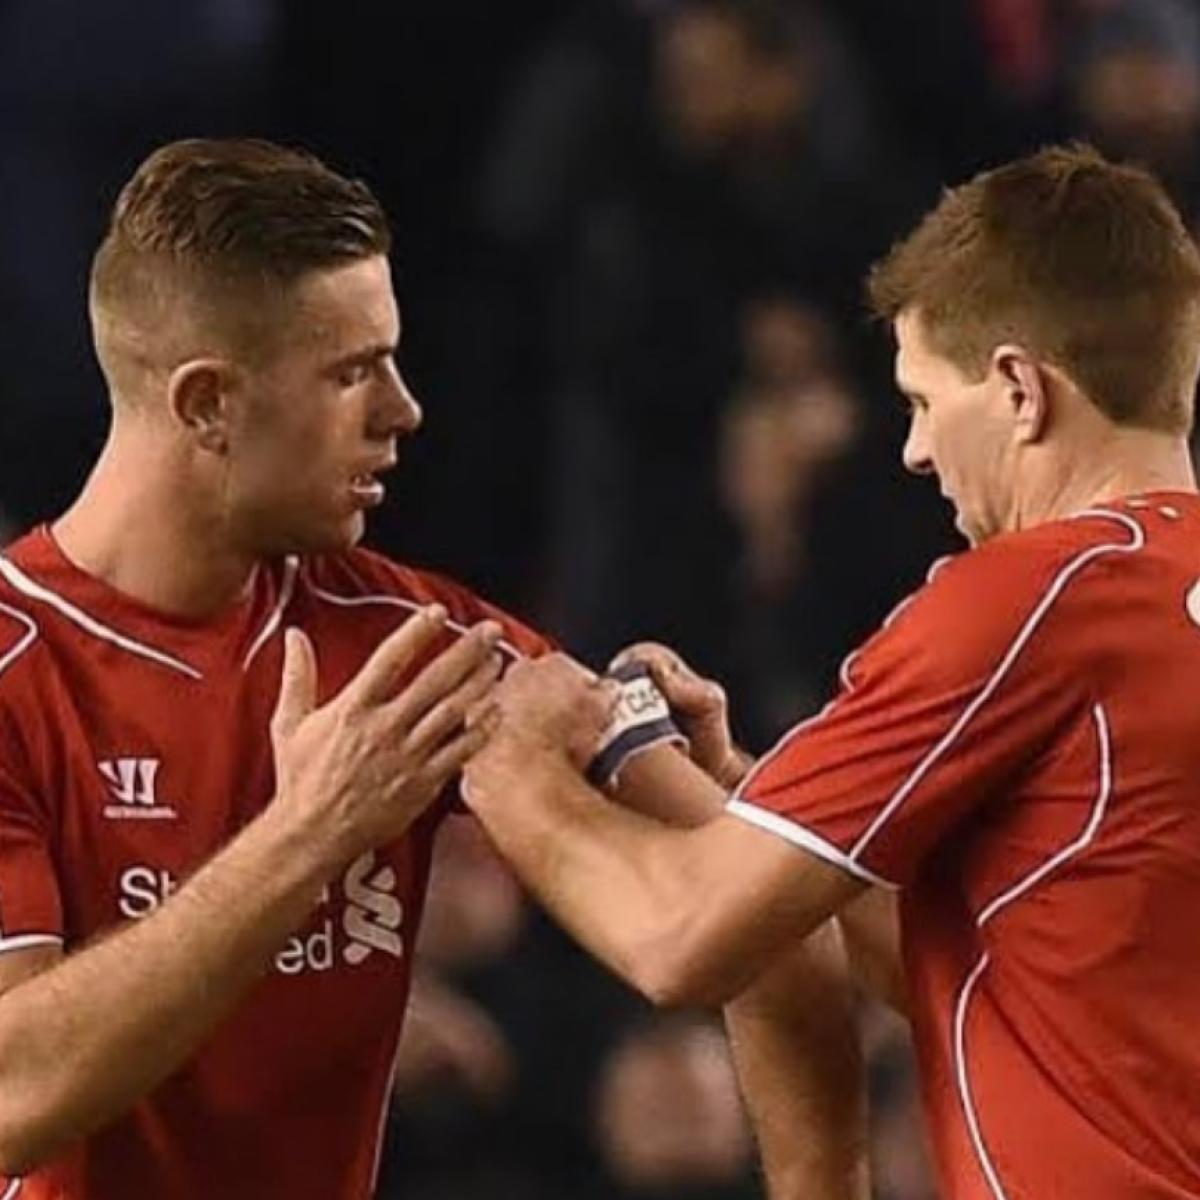 Steven Gerrard pays emotional tribute to Liverpool captain Jordan Henderson after Premier League title win